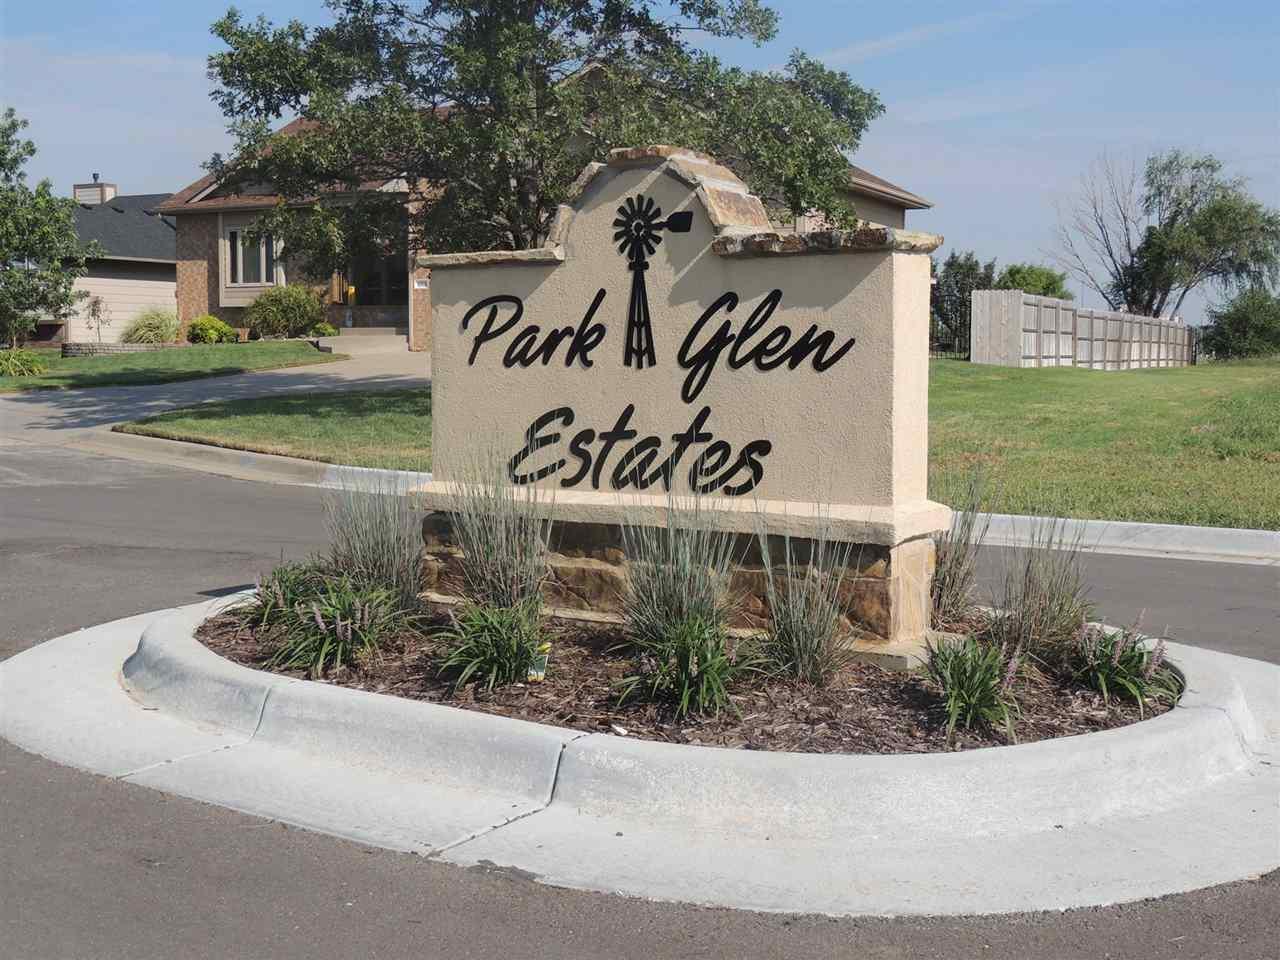 1104 E PARK GLEN ST, Clearwater, KS 67026